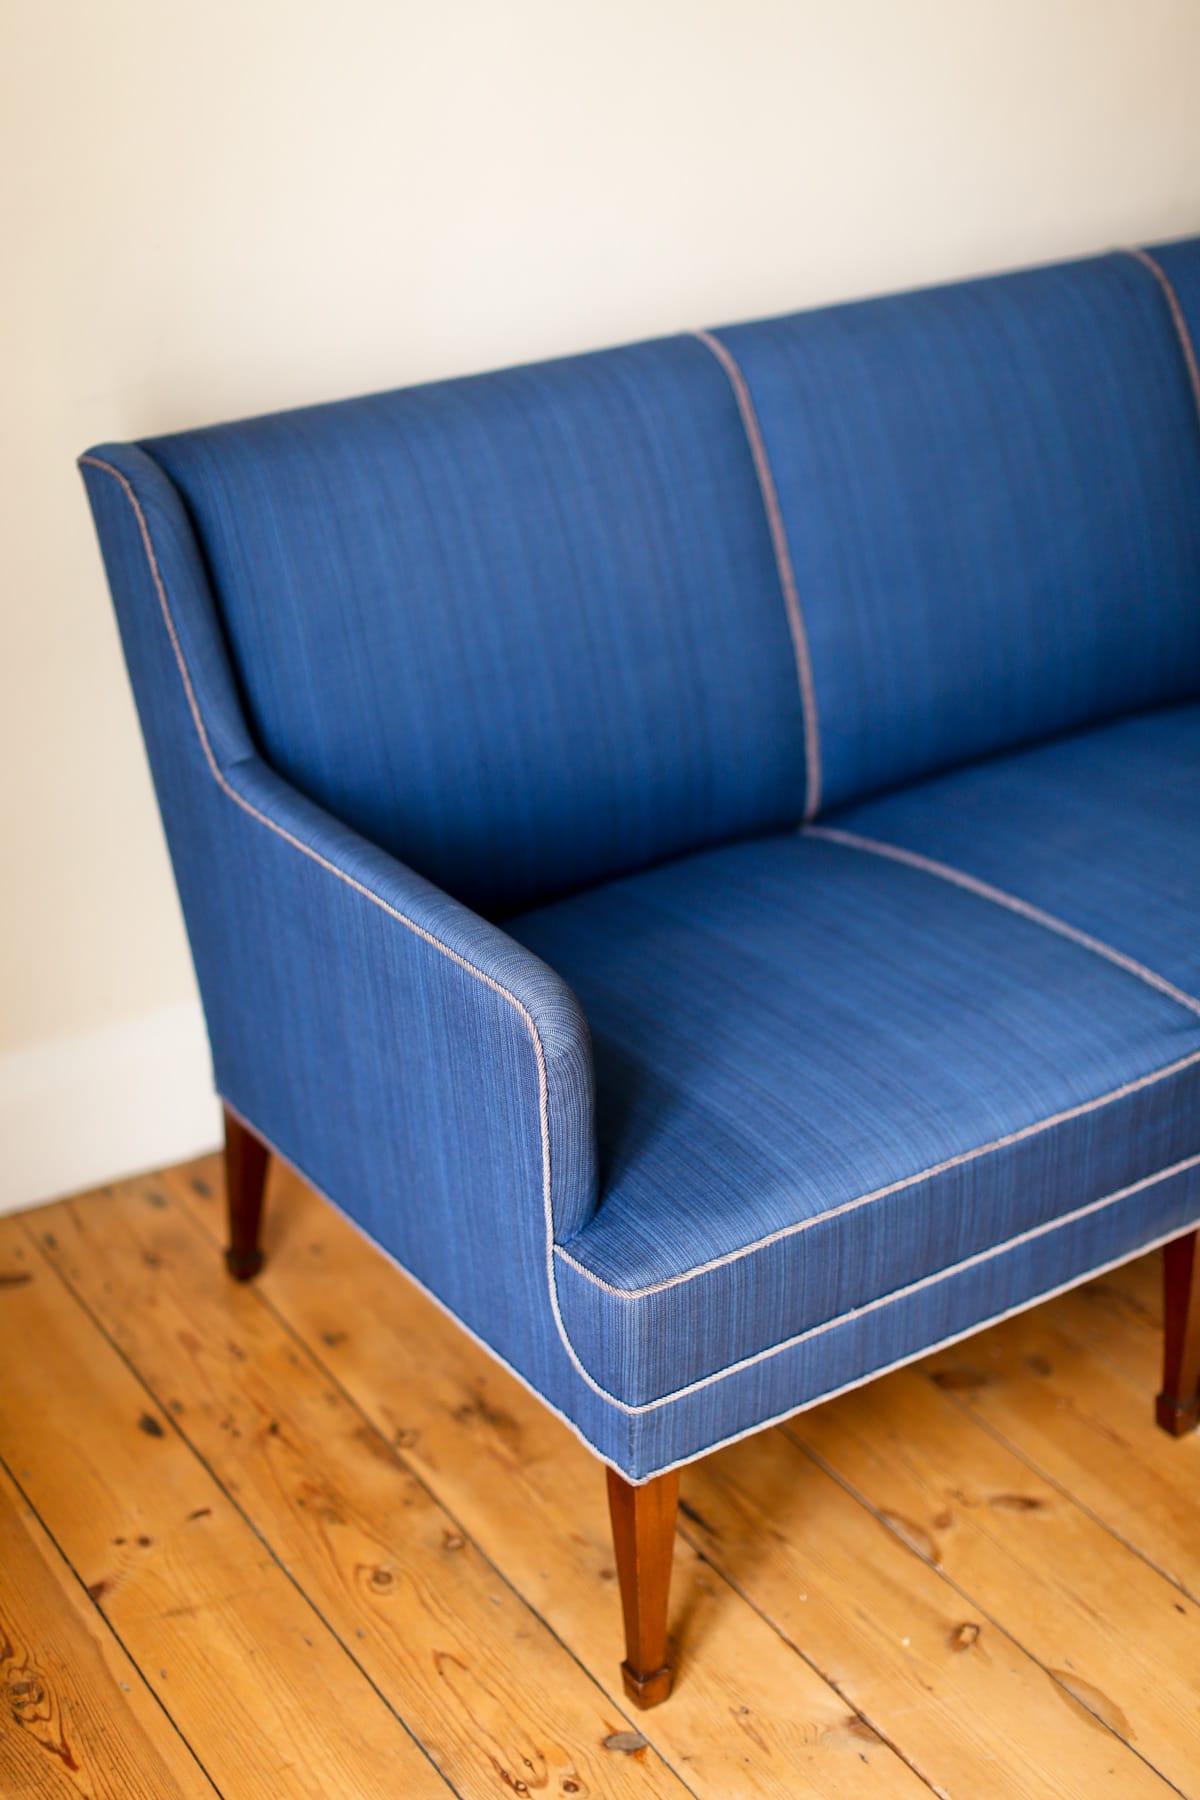 Mid century design Fritz Henningsen sofa Danish 1950's